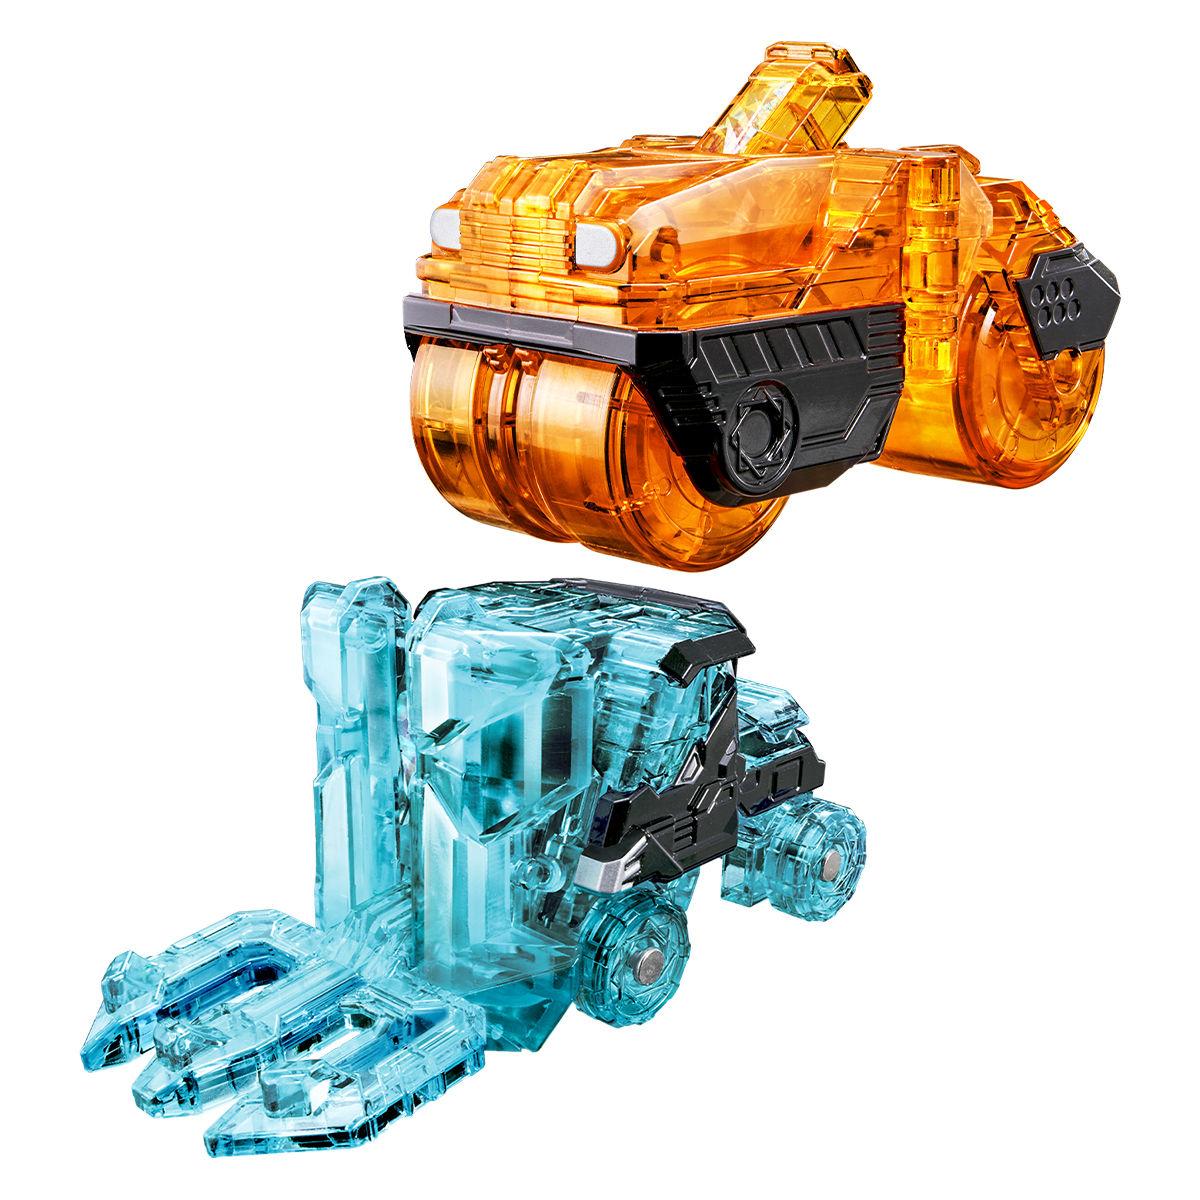 キラメイジャー ウェポン魔進シリーズ01『DX魔進ローランド&魔進リフトンセット』可変可動フィギュア-001